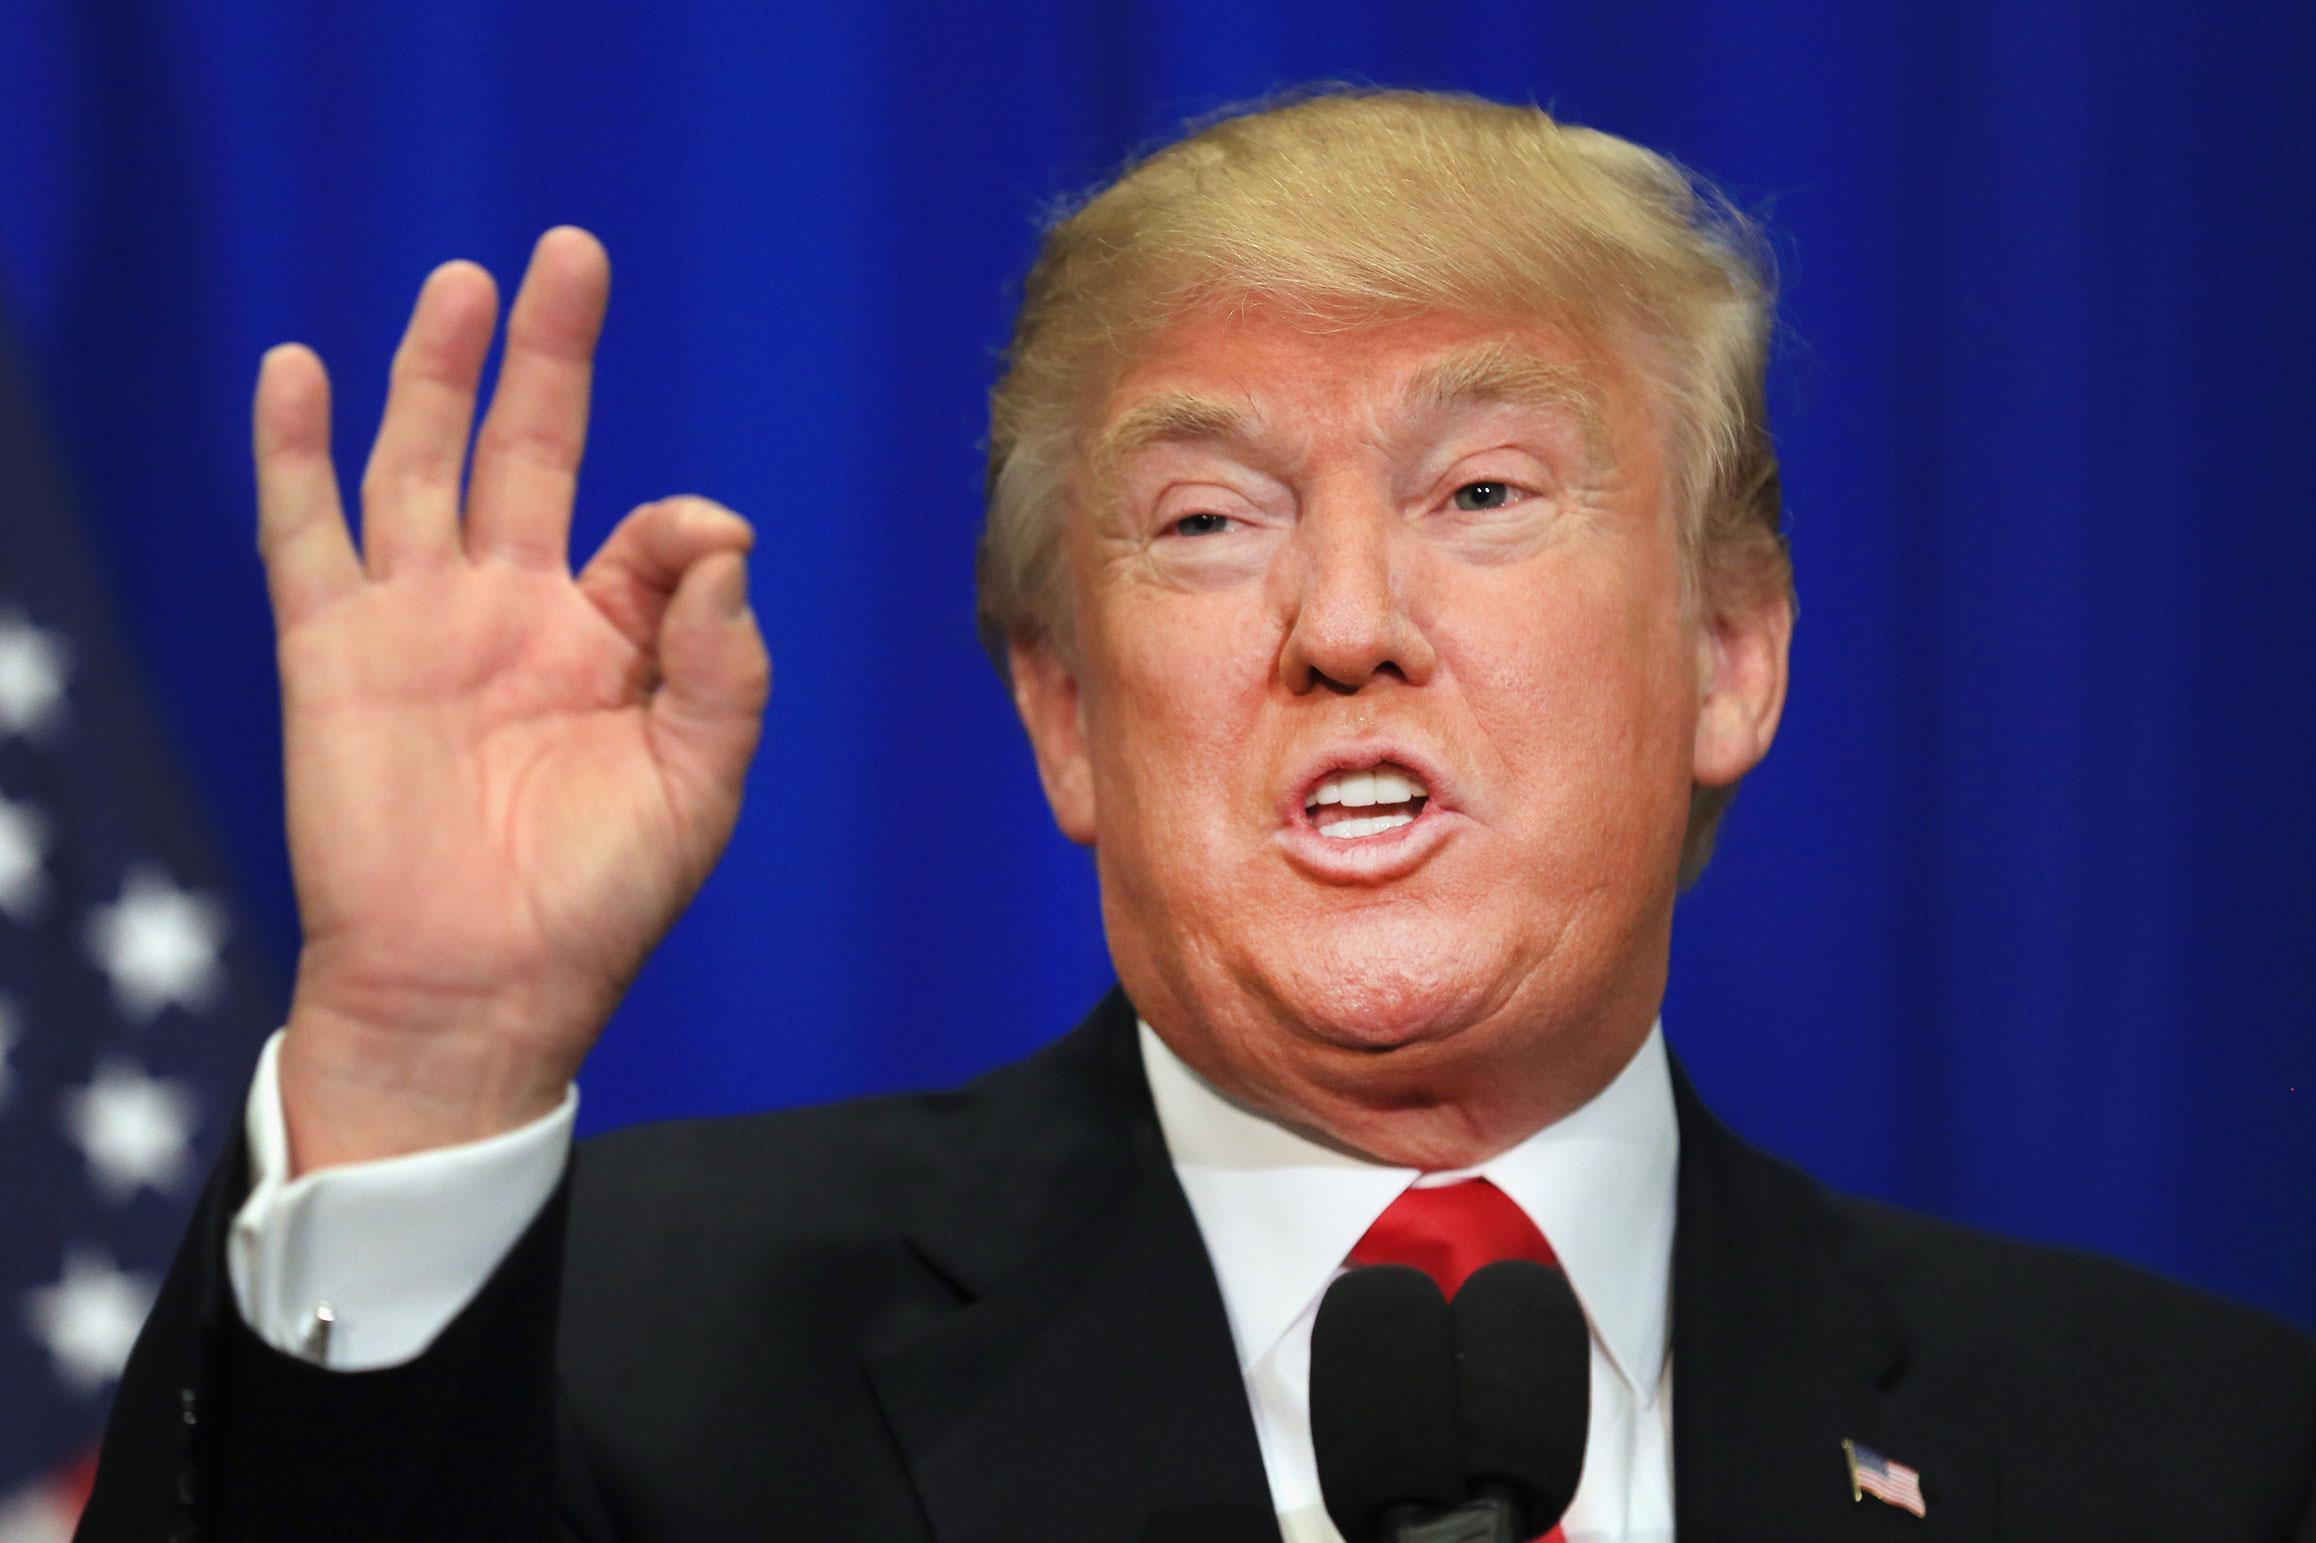 Donald Trump asumirá el cargo de presidente de los Estados Unidos de América el 20 de enero